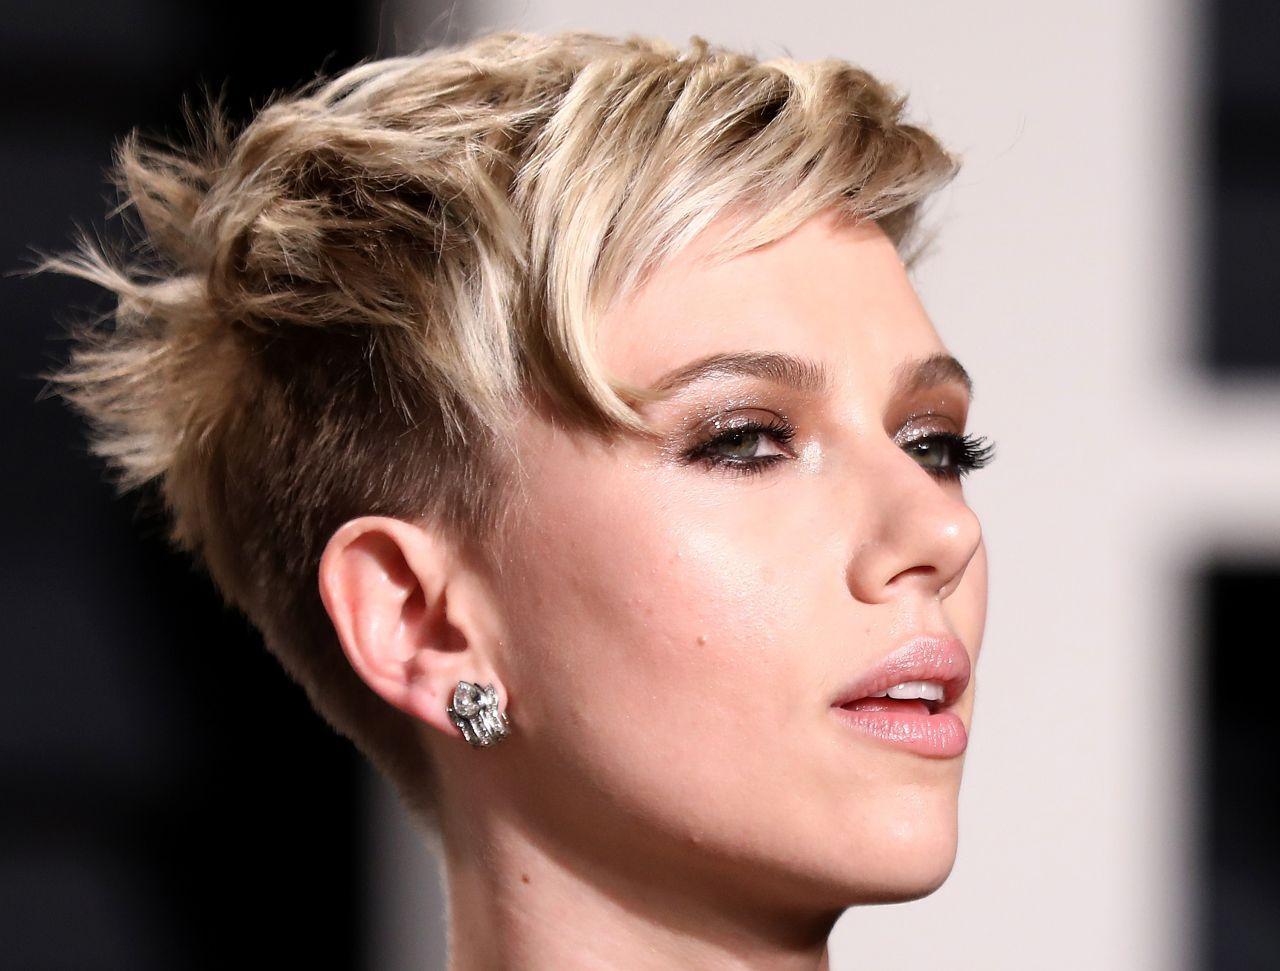 Scarlett Johansson Frisur 2017 Finden Sie Die Beste Frisur